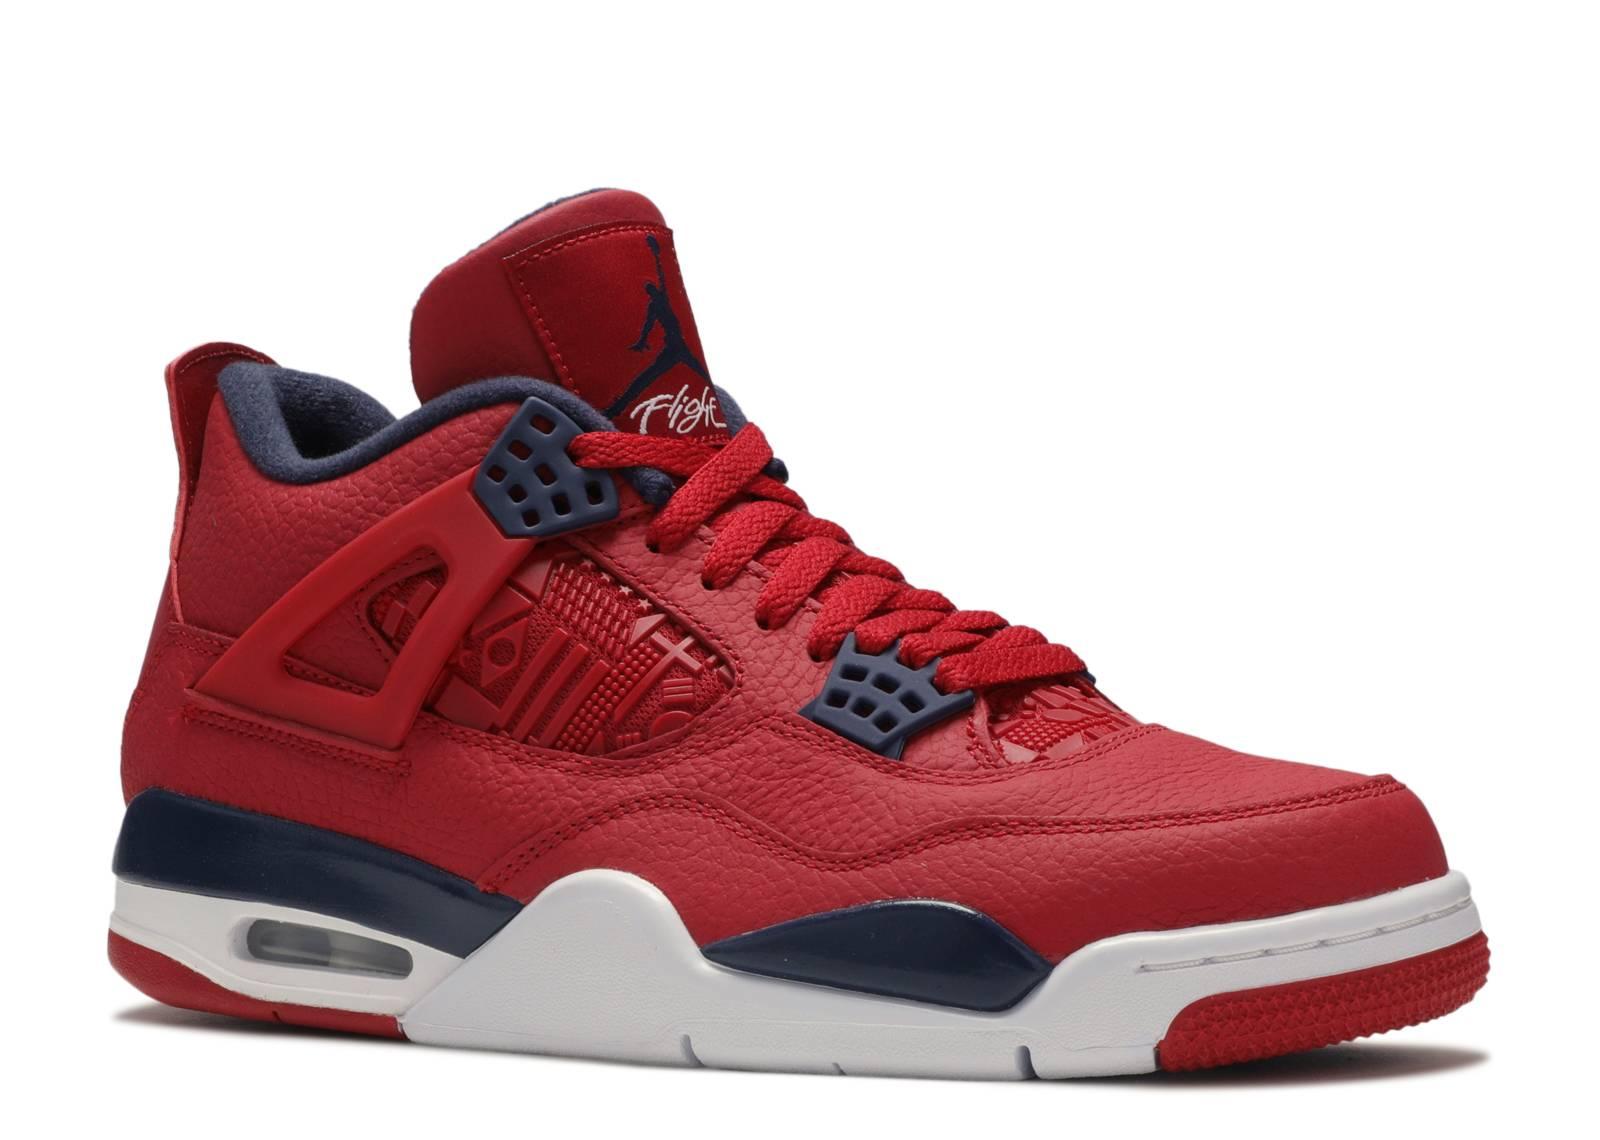 Air Jordan 4 Retro 'FIBA'